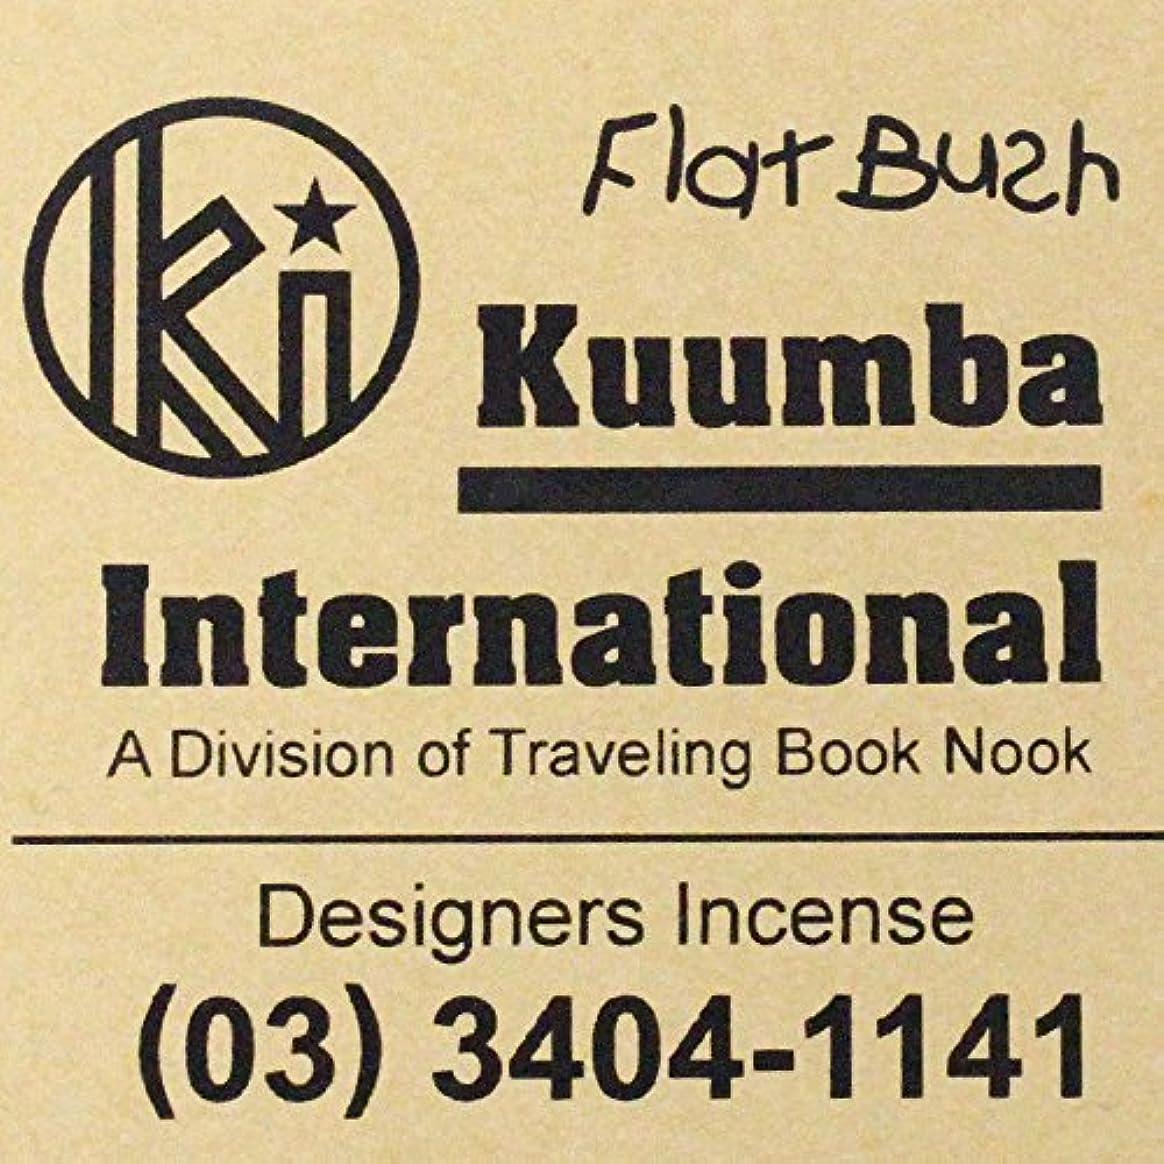 衛星シーズンオフェンス(クンバ) KUUMBA『incense』(Flat Bush) (Regular size)